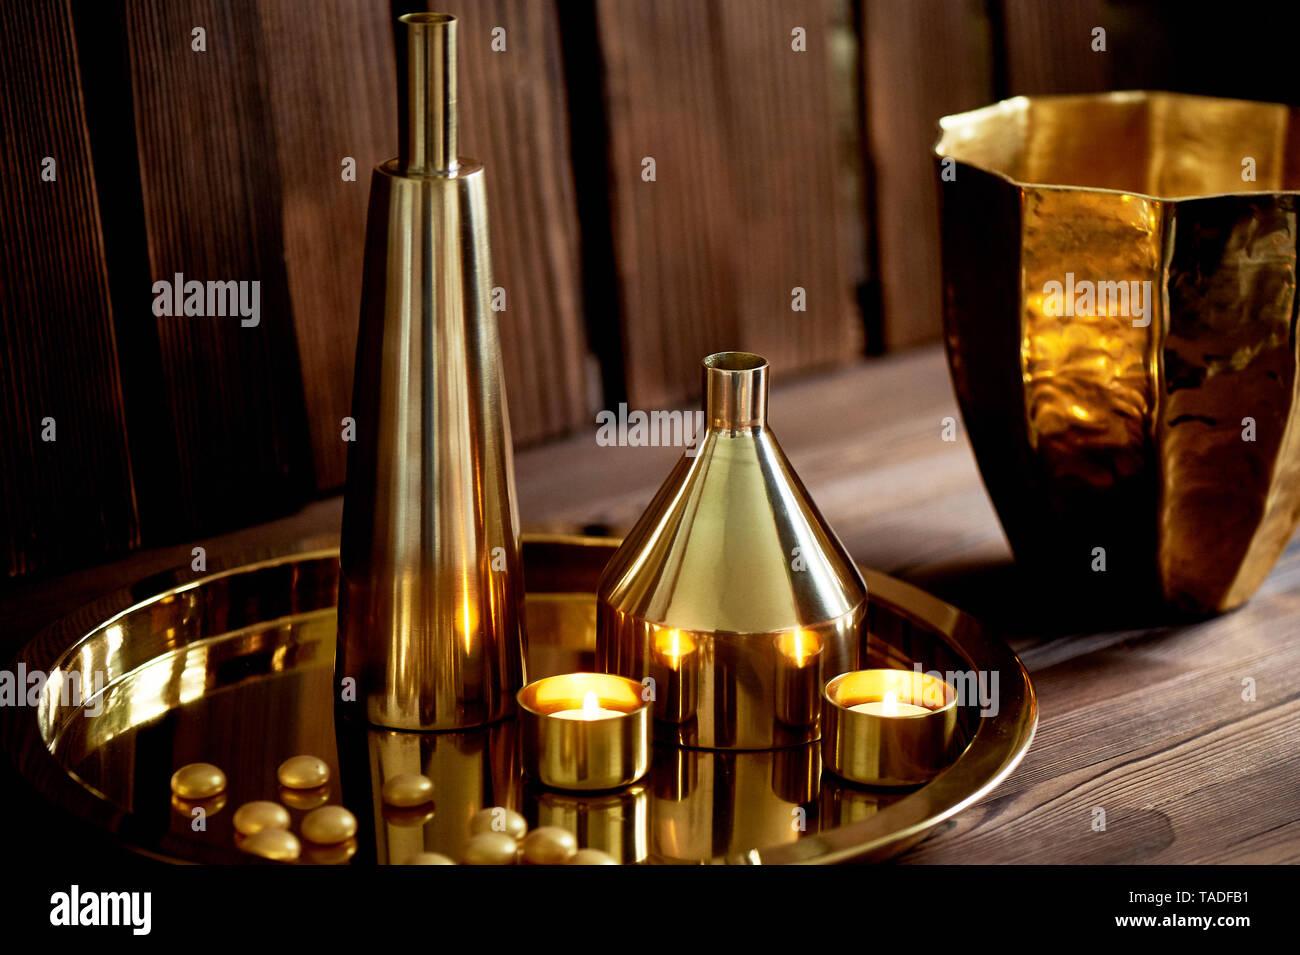 Gemütliche Einrichtung. Gold, brennende Kerzen, goldene Gefäße,. Stockbild